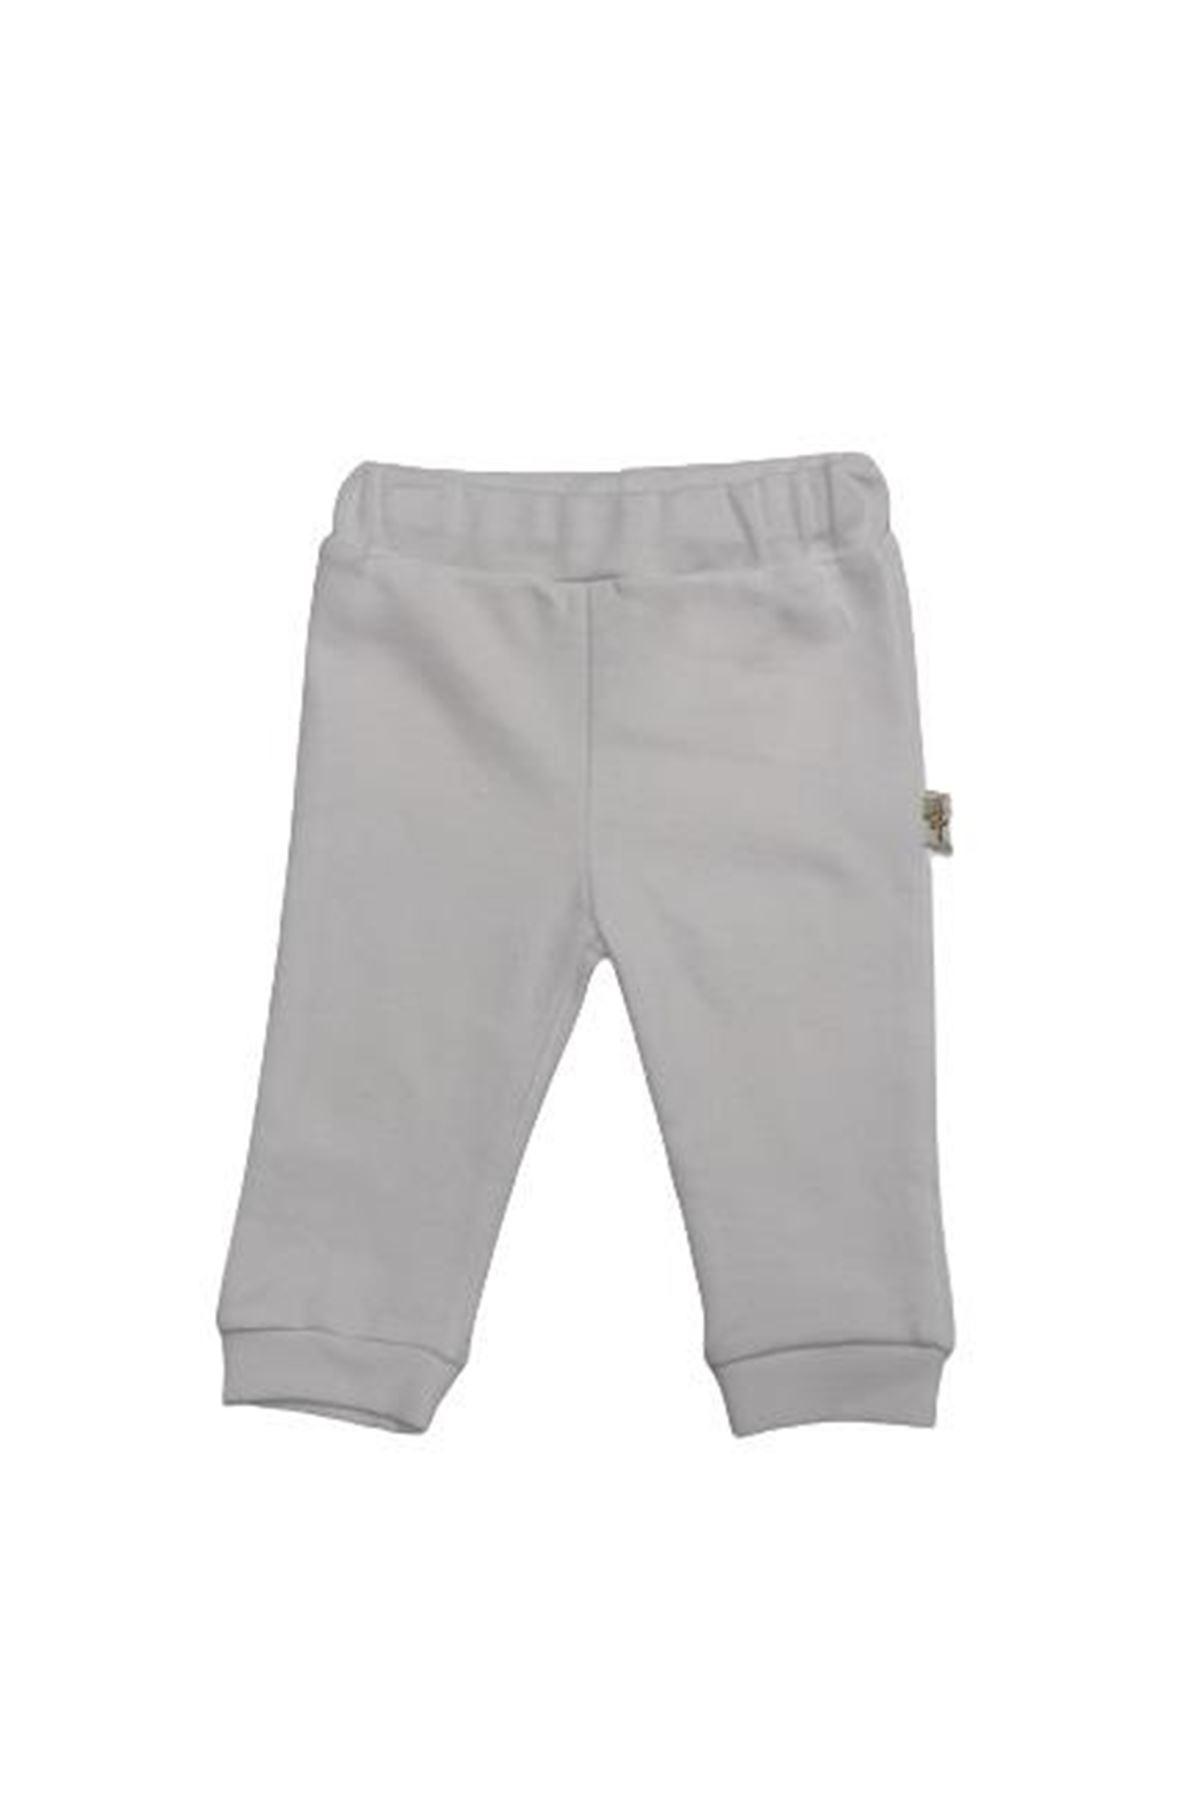 Albimini Minidamla Düz Patiksiz Pantolon 44694 Beyaz